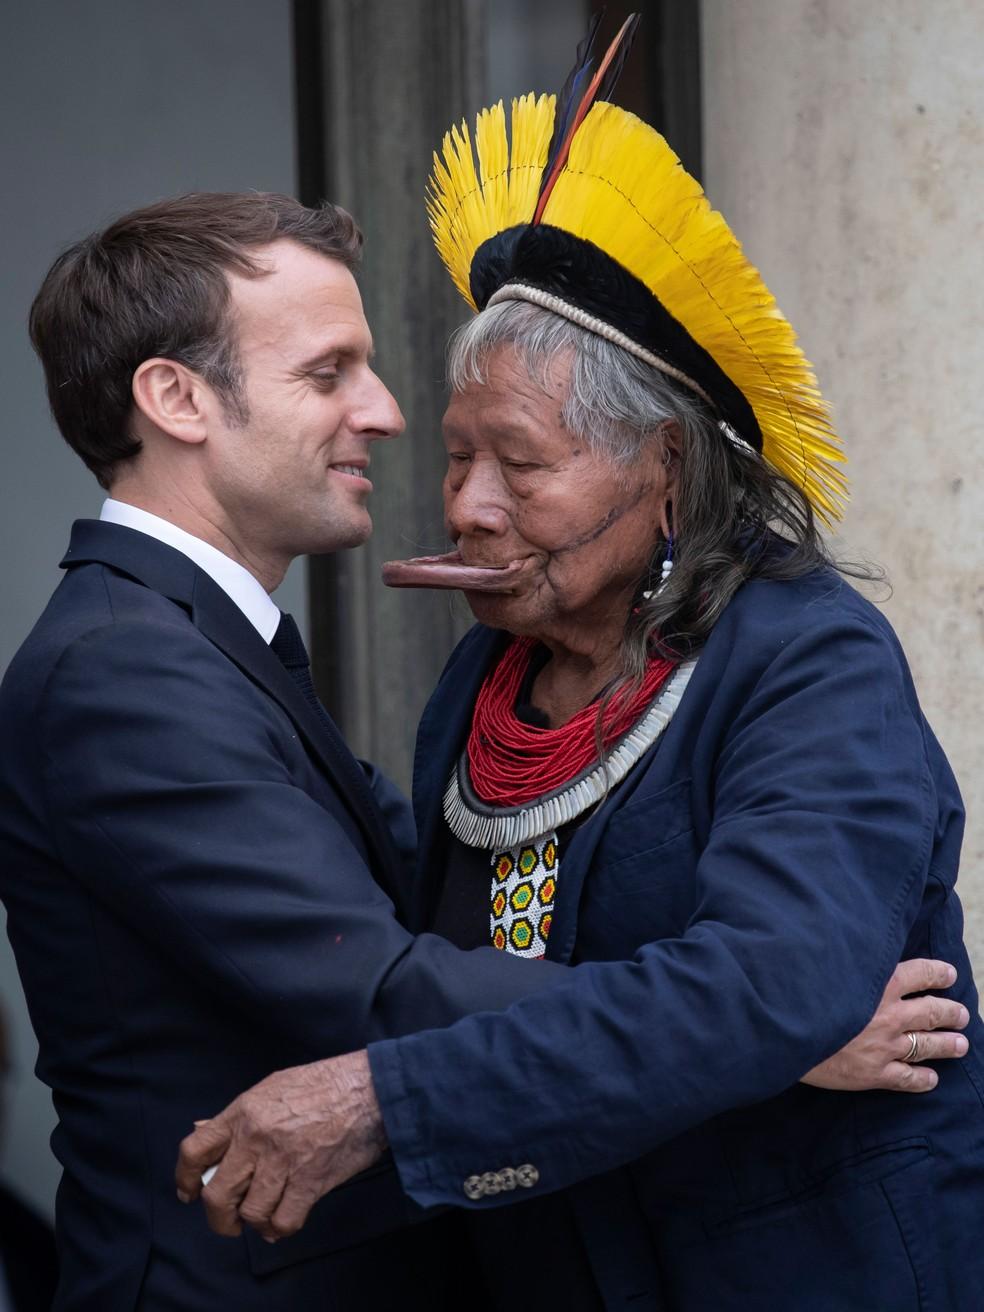 Presidente francês, Emmanuel Macron, cumprimenta líder indígena Raoni, em encontro no Palácio do Eliseu, sede do governo, em Paris, em maio de 2019 — Foto: Thomas Samson / AFP